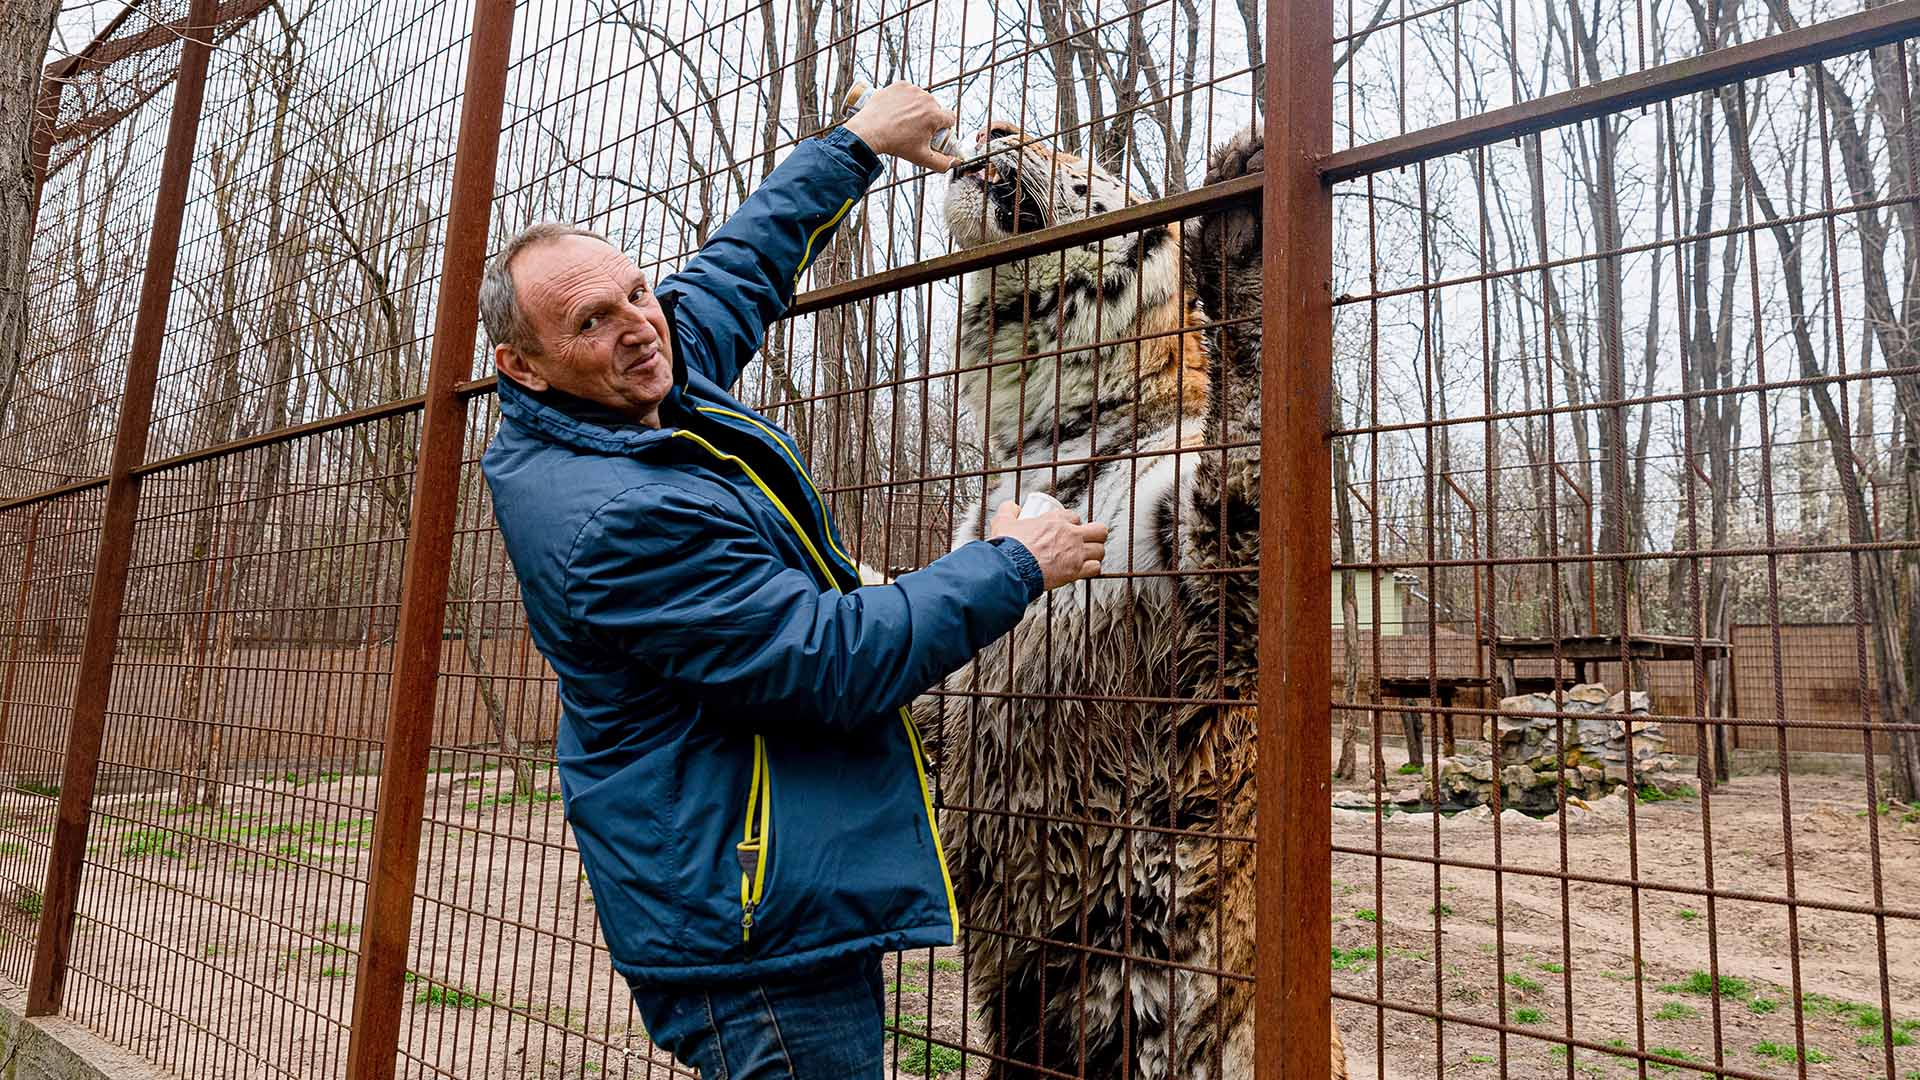 abony állatkert gyógynövények magánállatkert tóth tibor túlélés ványik dóra